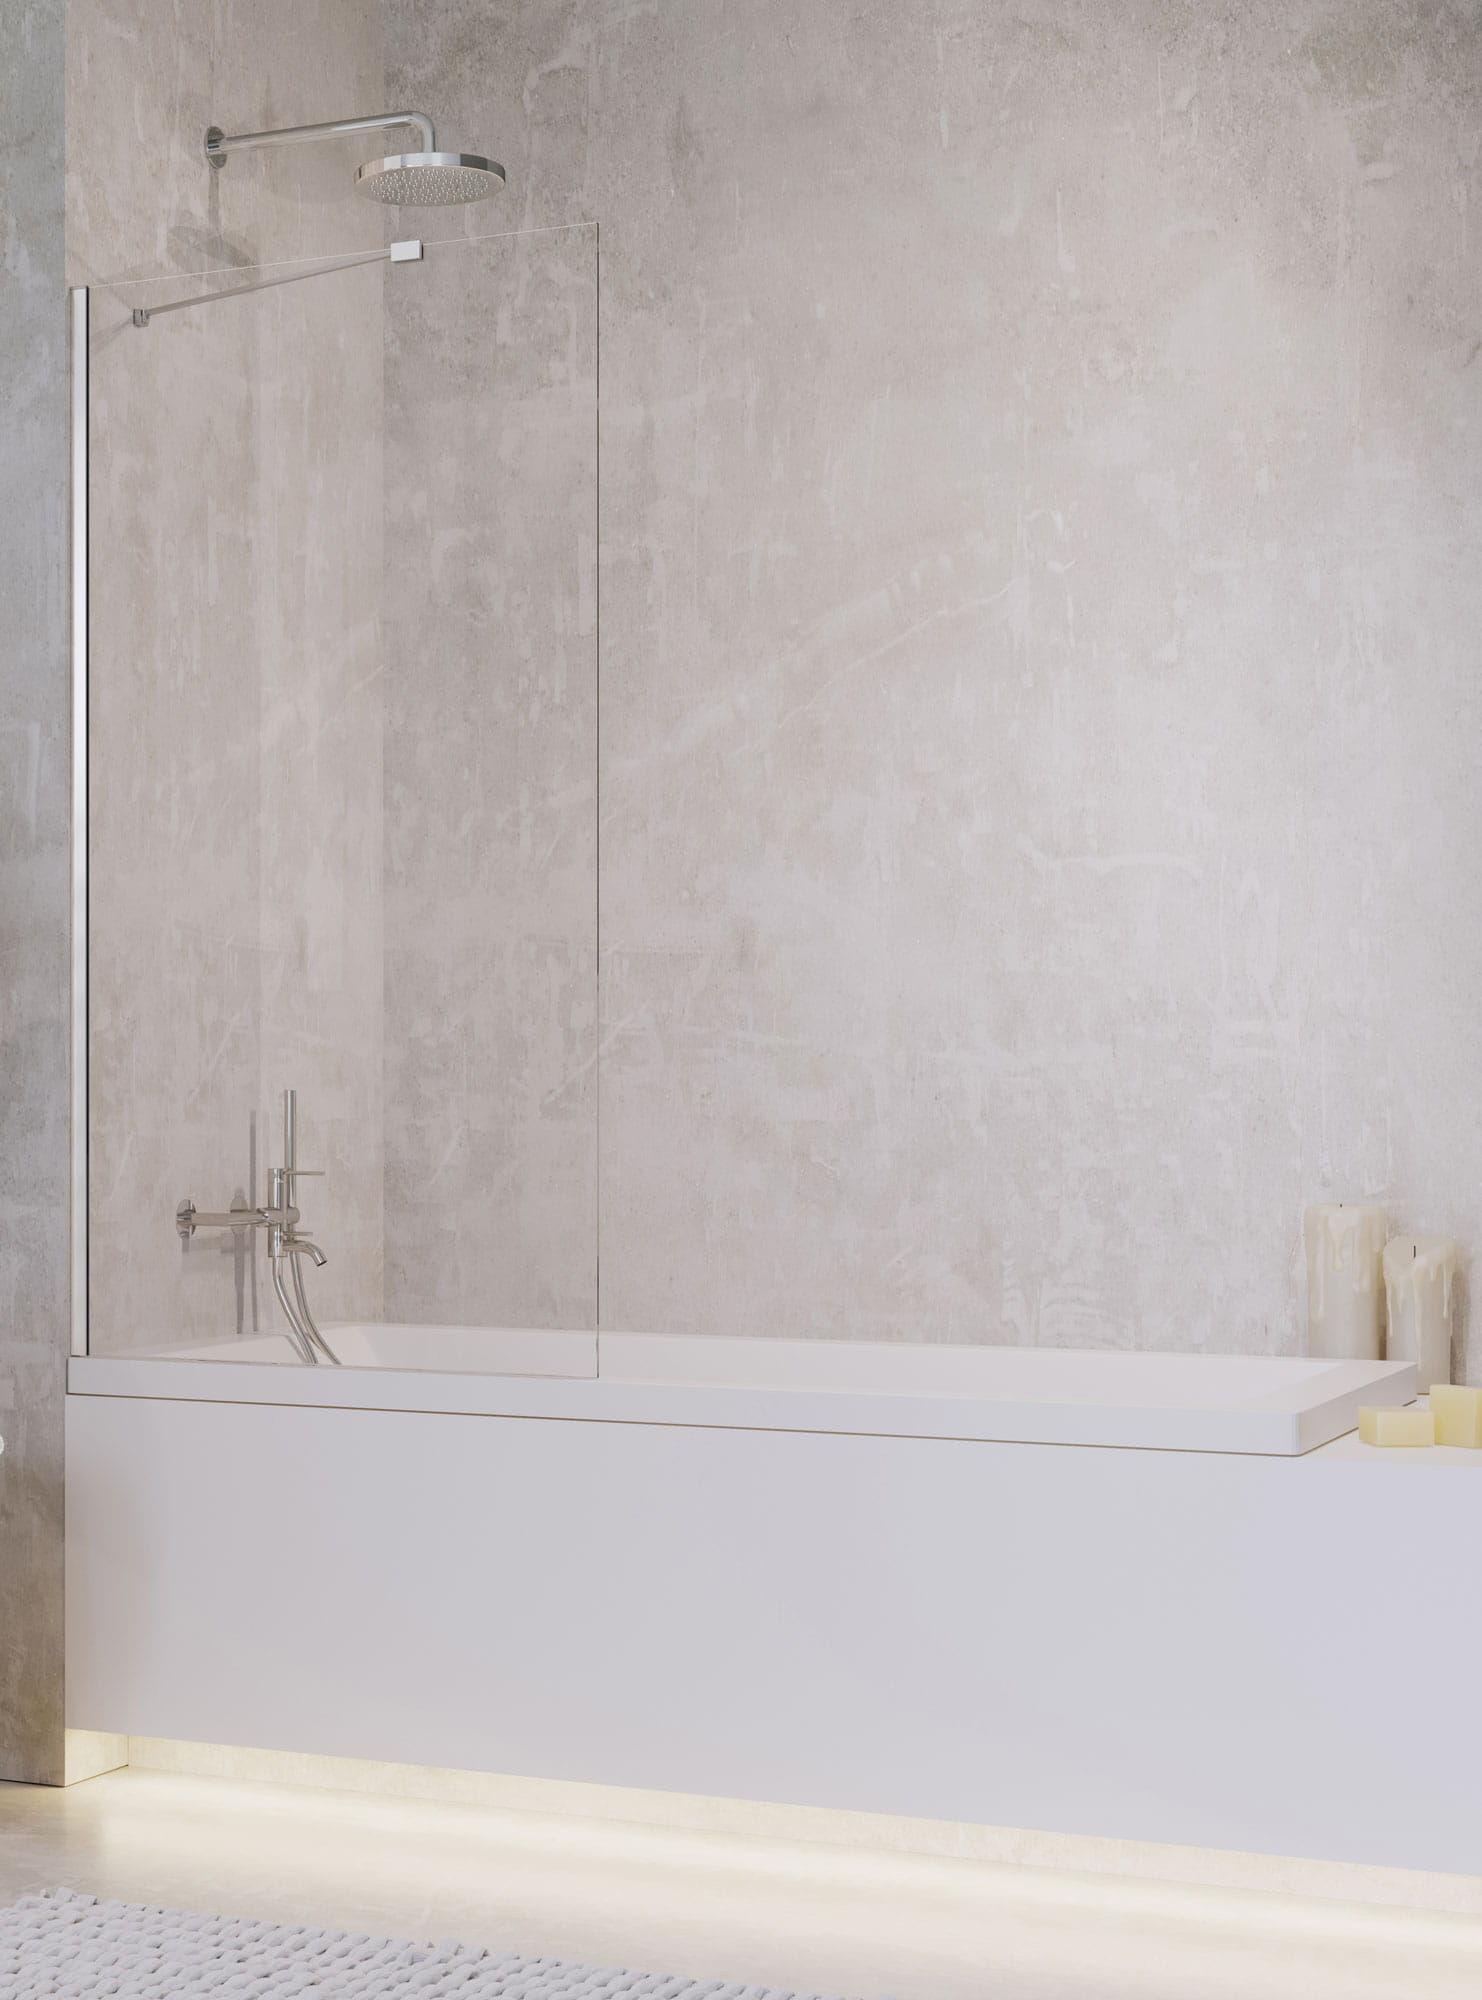 Radaway parawan nawannowy Idea PNJ 50 cm, szkło przejrzyste, wys. 150 cm 10001050-01-01